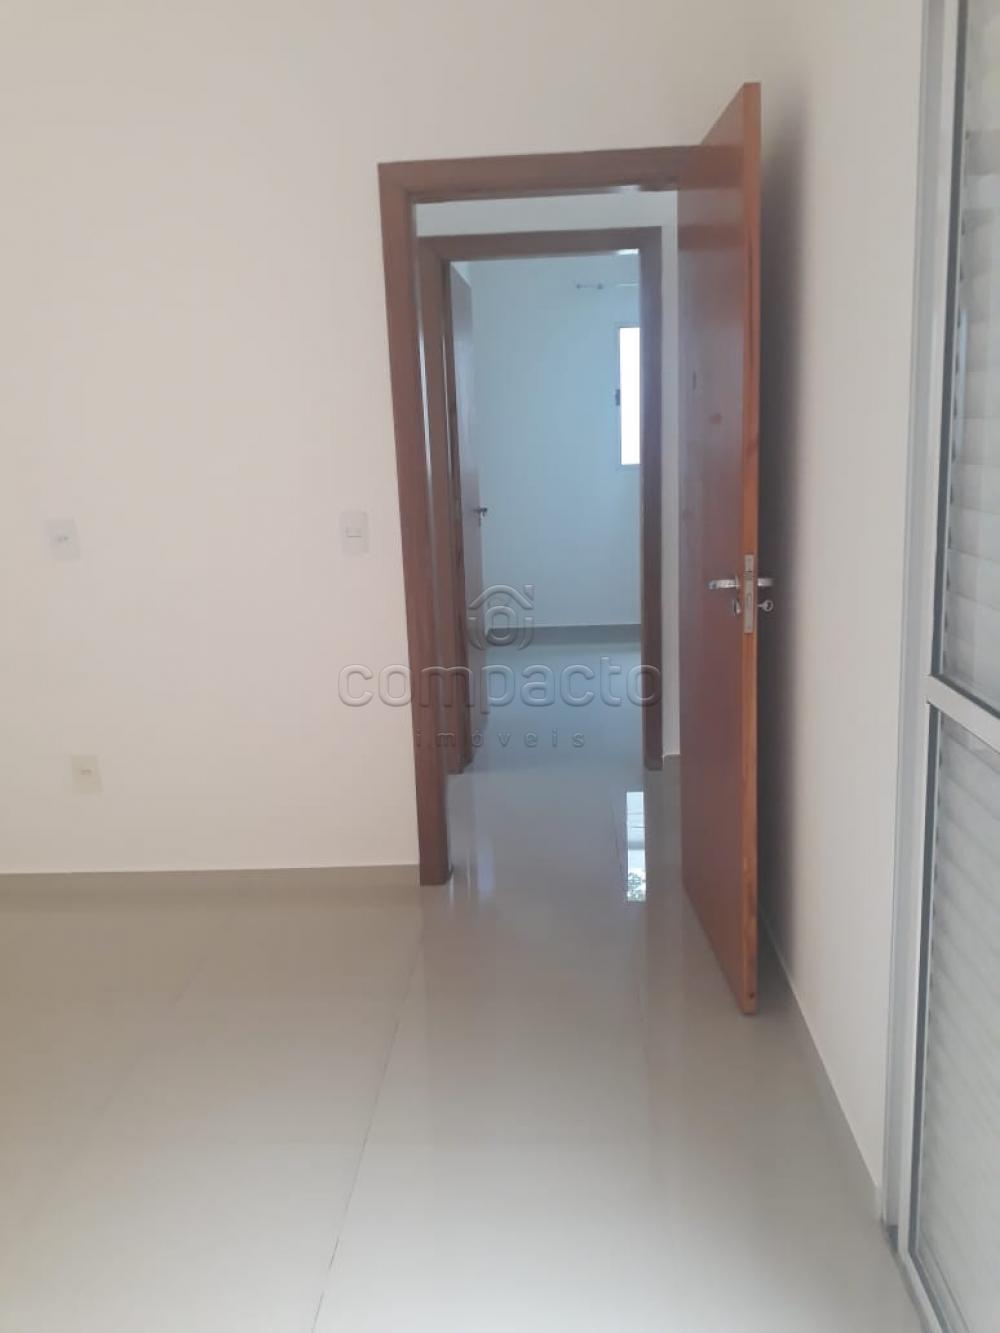 Alugar Casa / Condomínio em São José do Rio Preto apenas R$ 2.500,00 - Foto 12